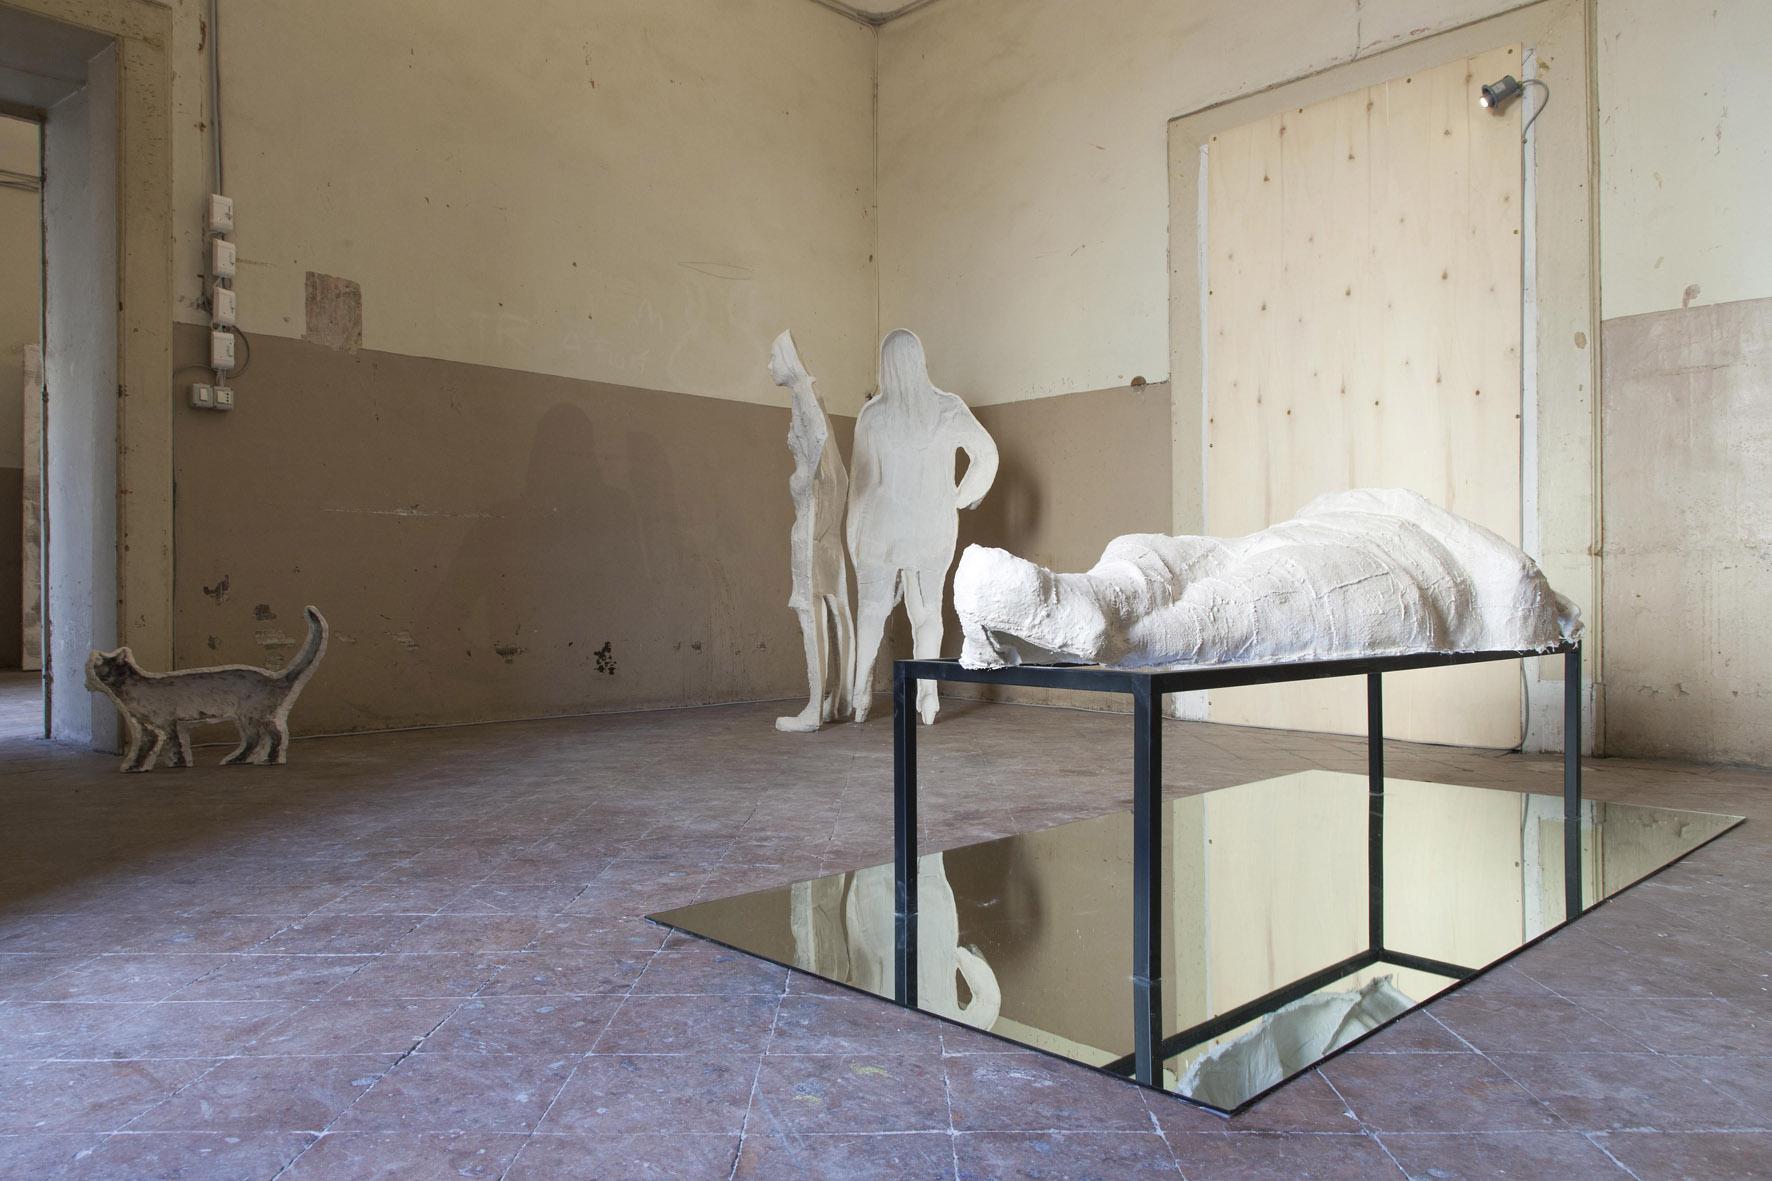 Installation View Fondazione Morra Greco, Naples, IT 2013